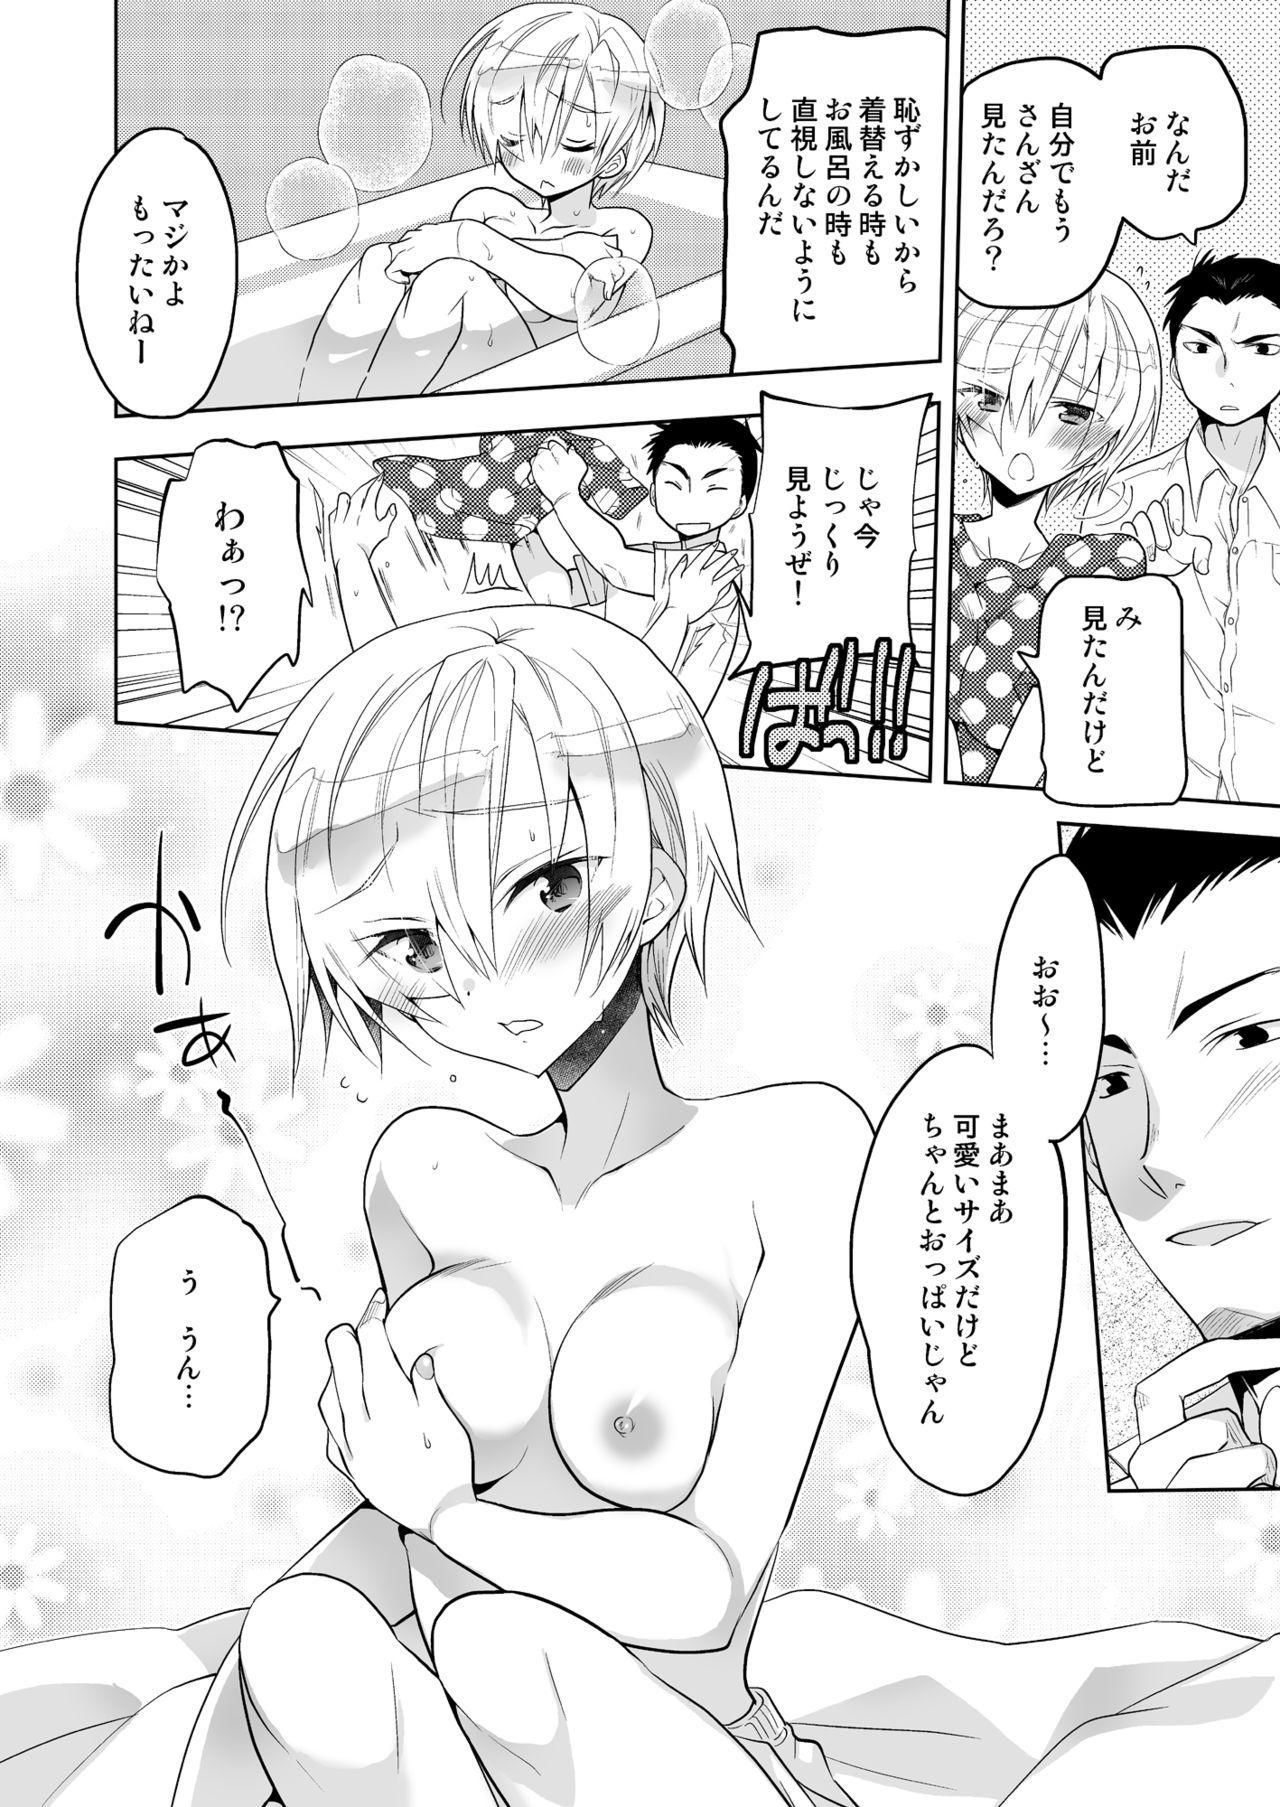 Boku no Hajimete no Tomodachi 11